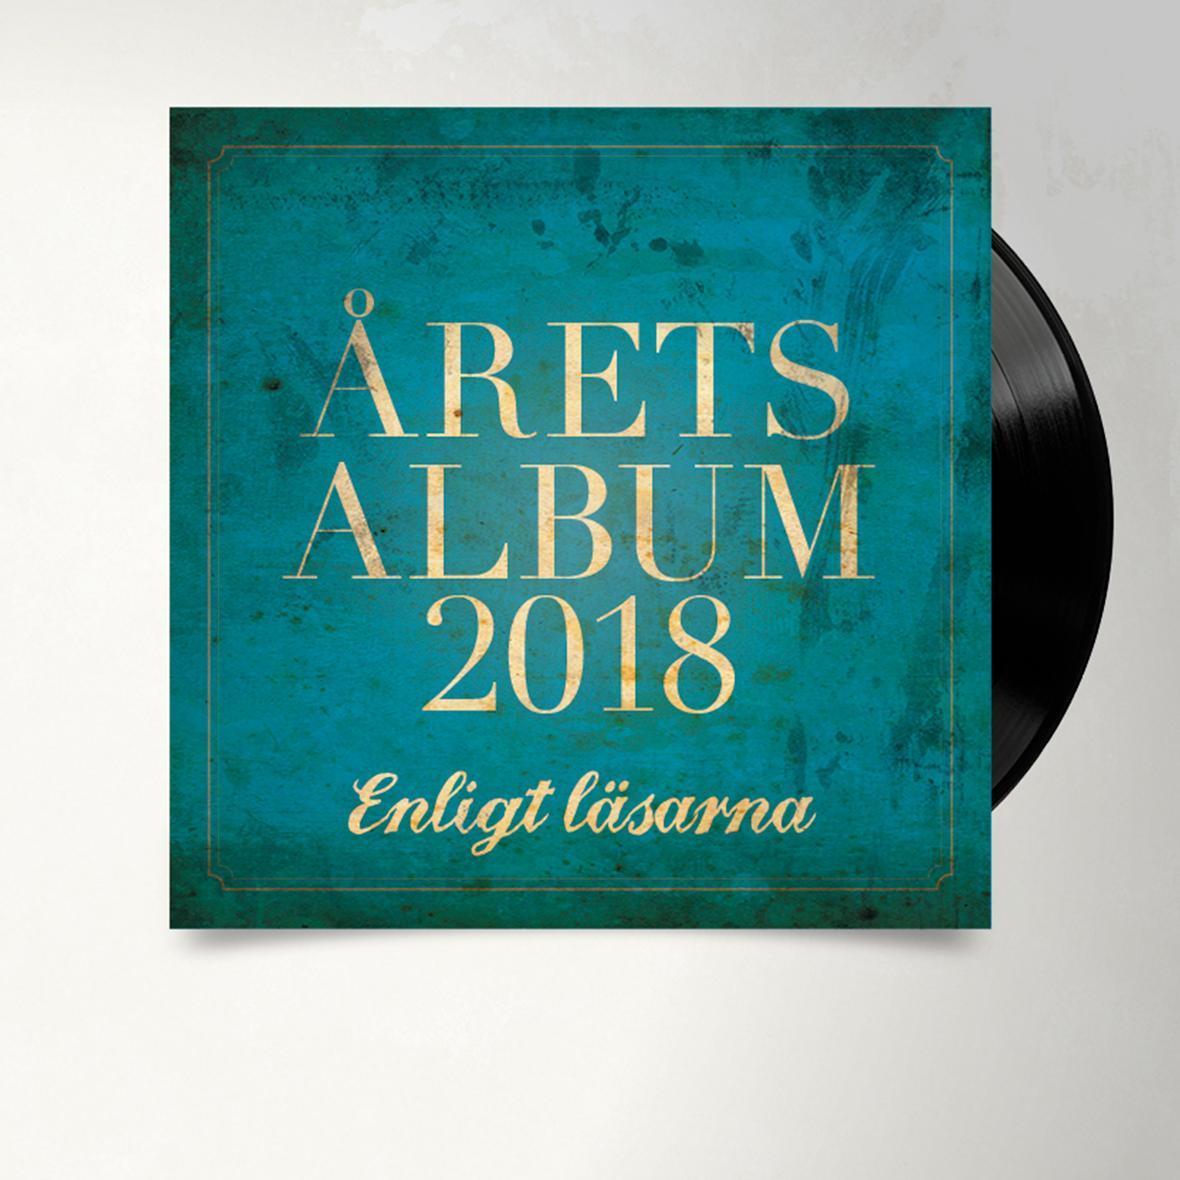 65-SRM1812-Arets-Album-2018.jpg